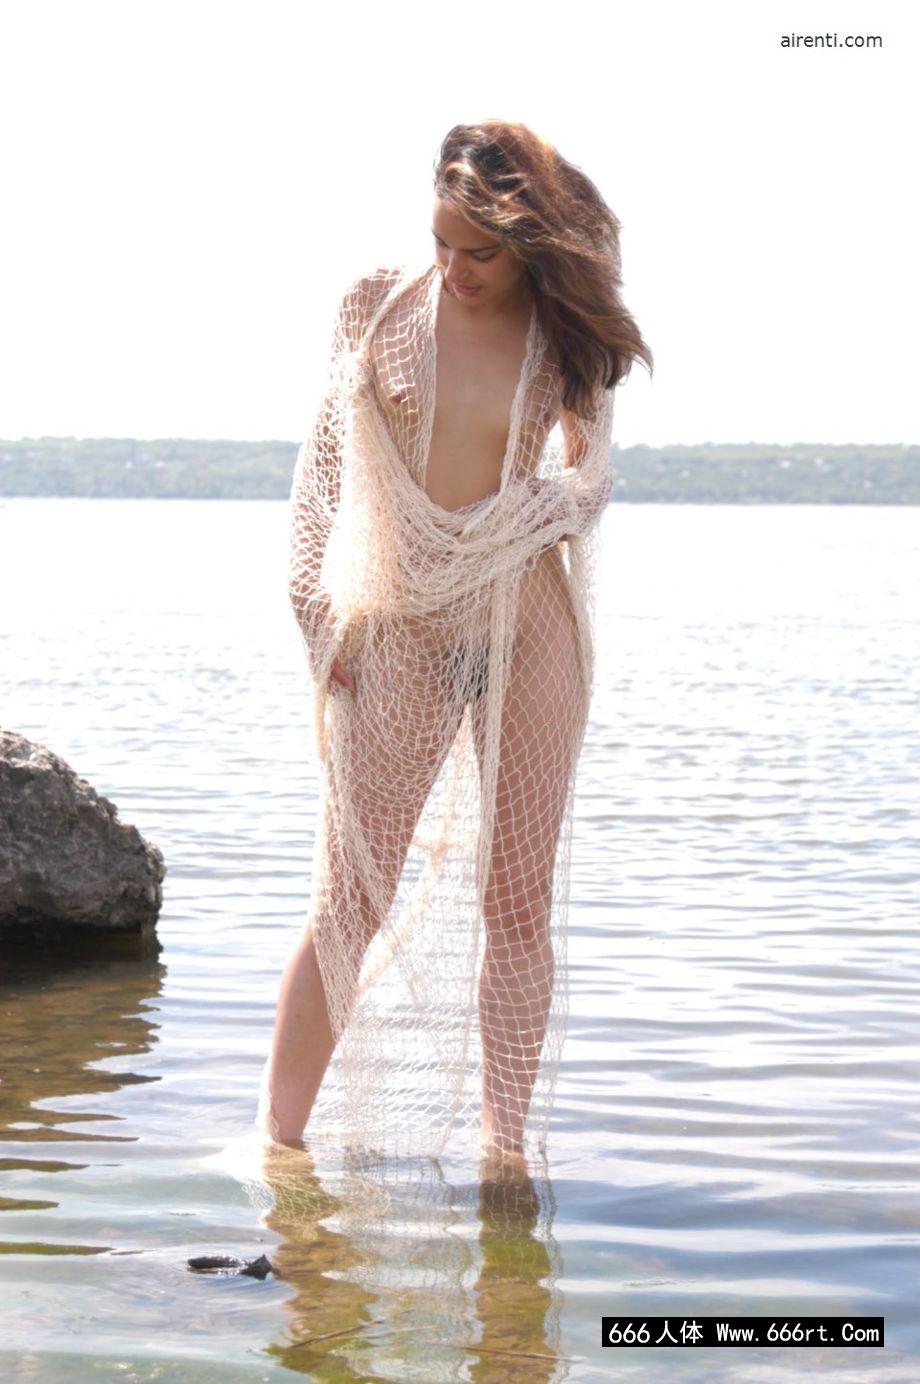 身披白色渔网的裸模克莱尔湖中外拍